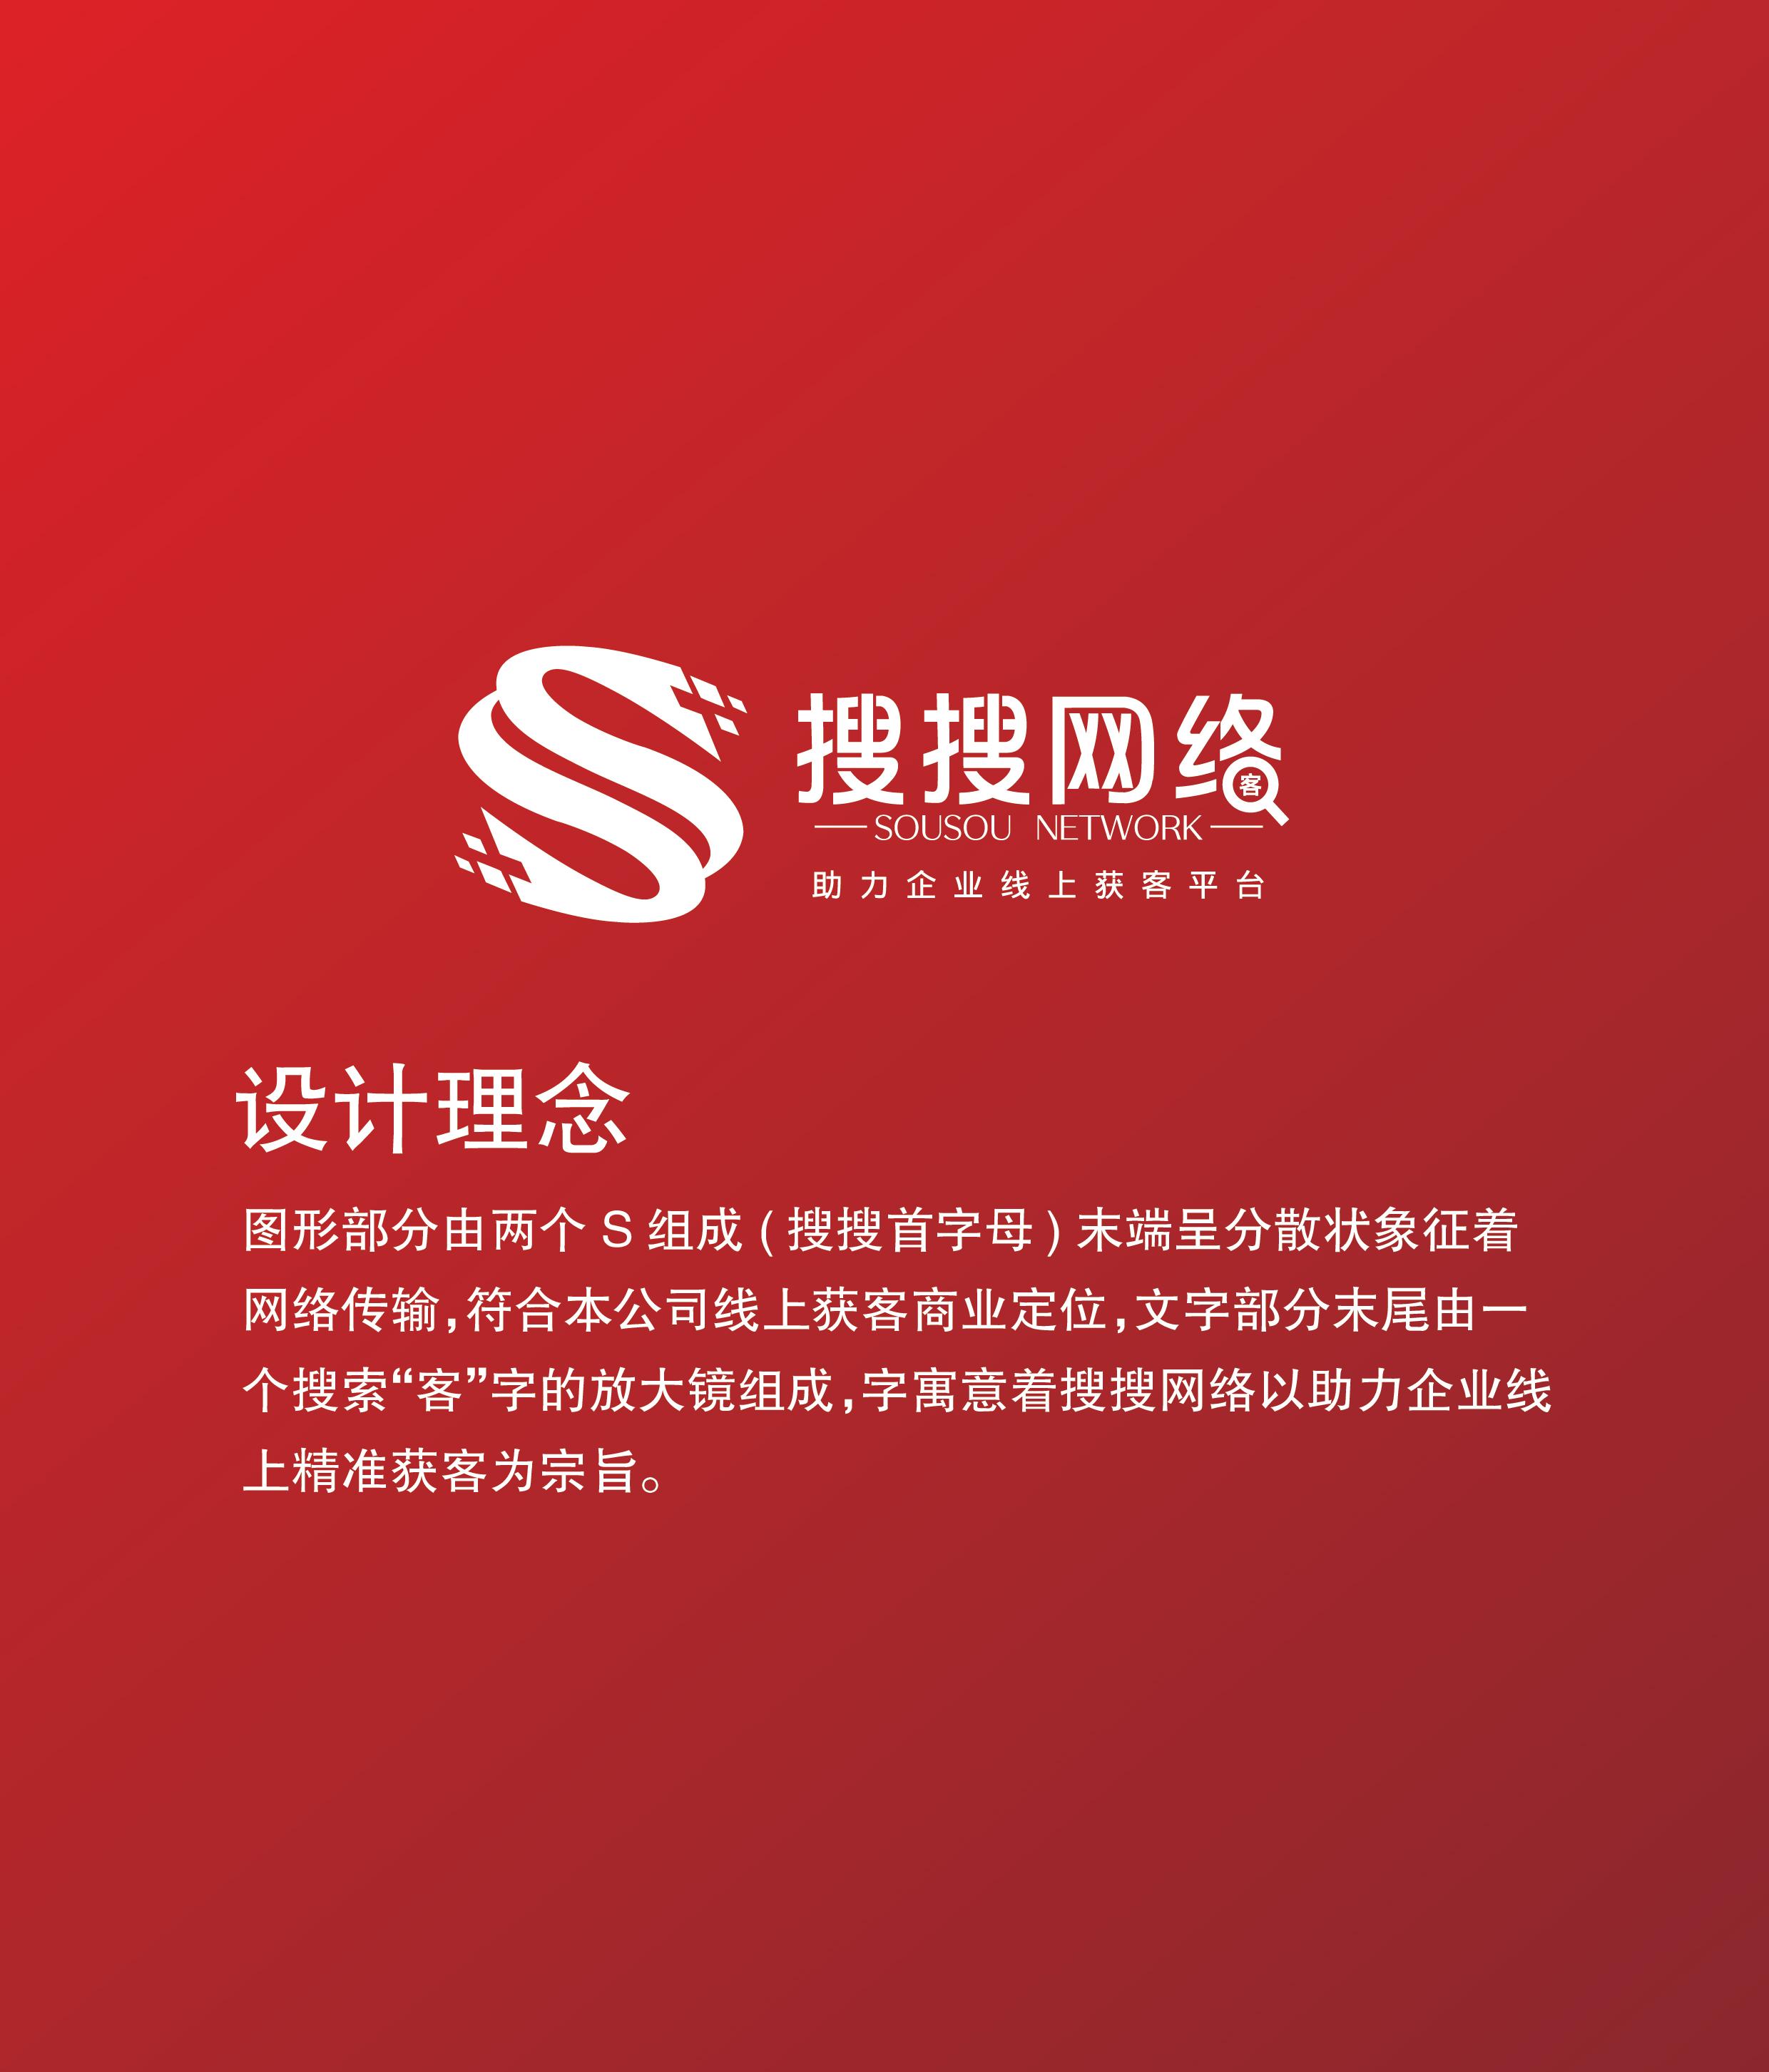 搜搜网络换logo了,新的logo正式上线,重装上线